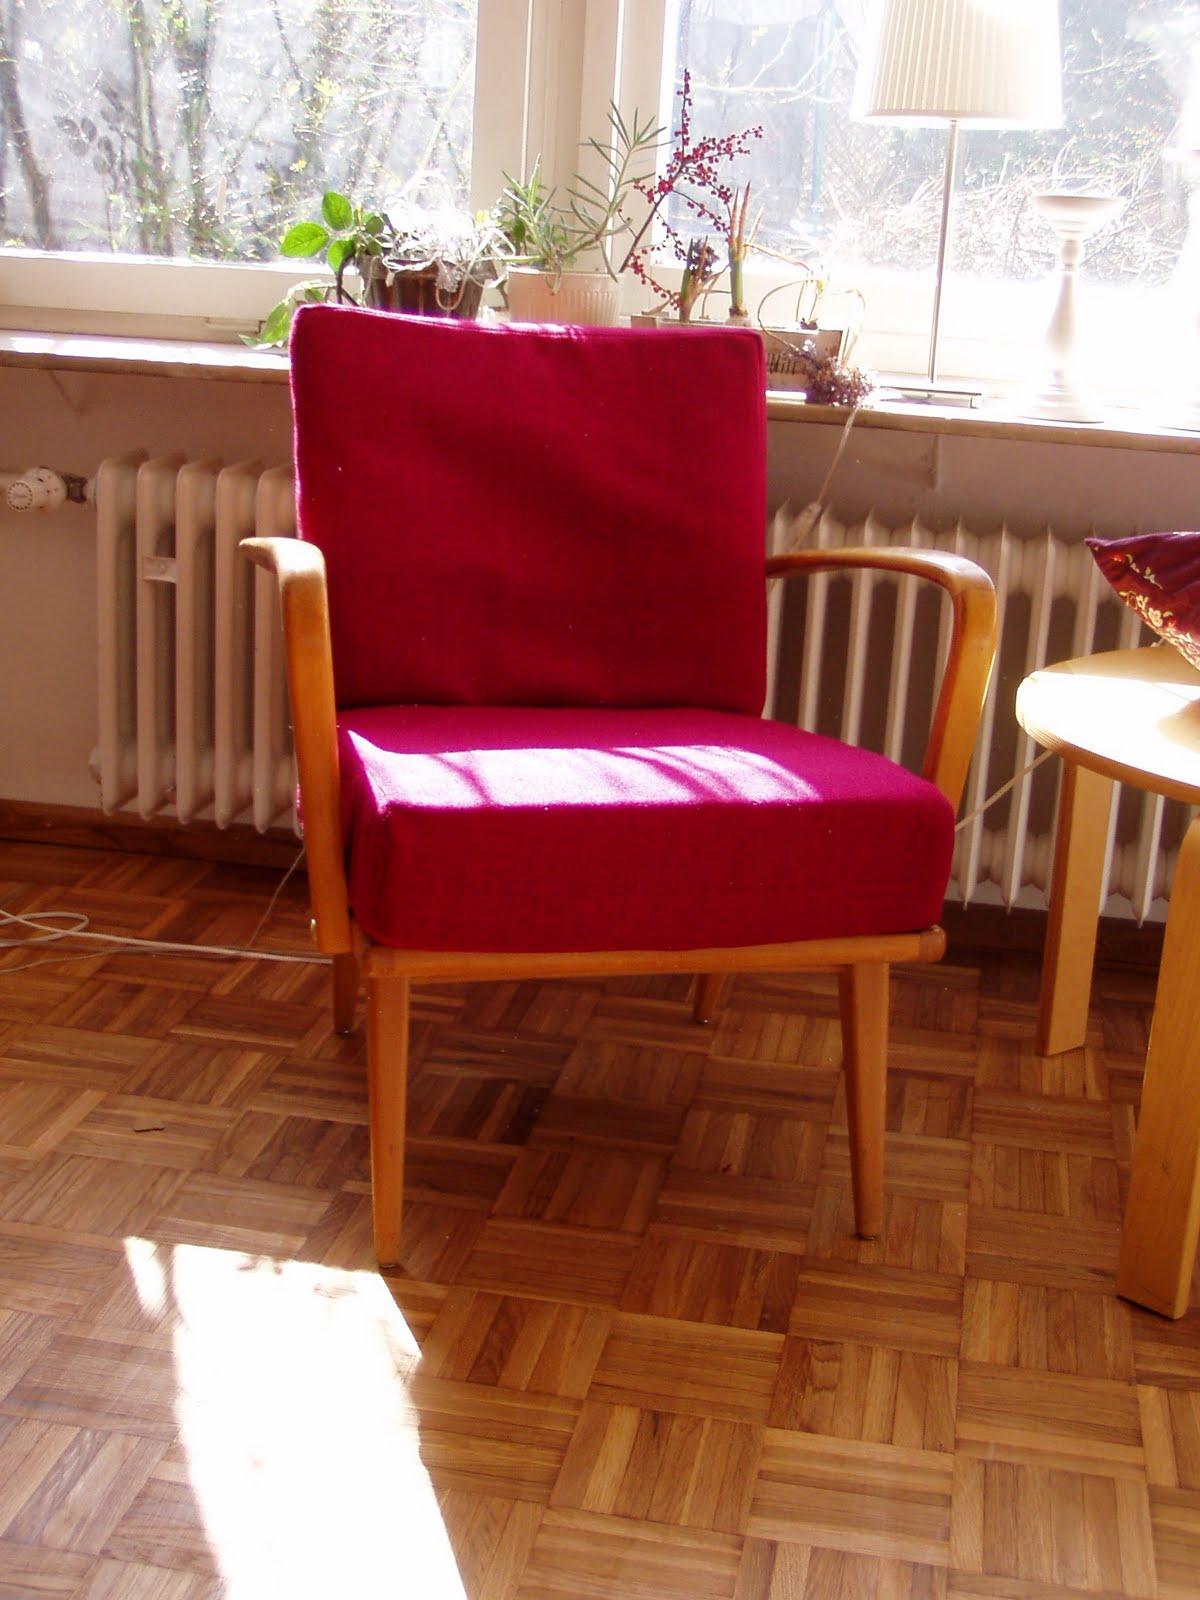 sewing addicted naehsucht vorher nachher 60er jahre sessel. Black Bedroom Furniture Sets. Home Design Ideas